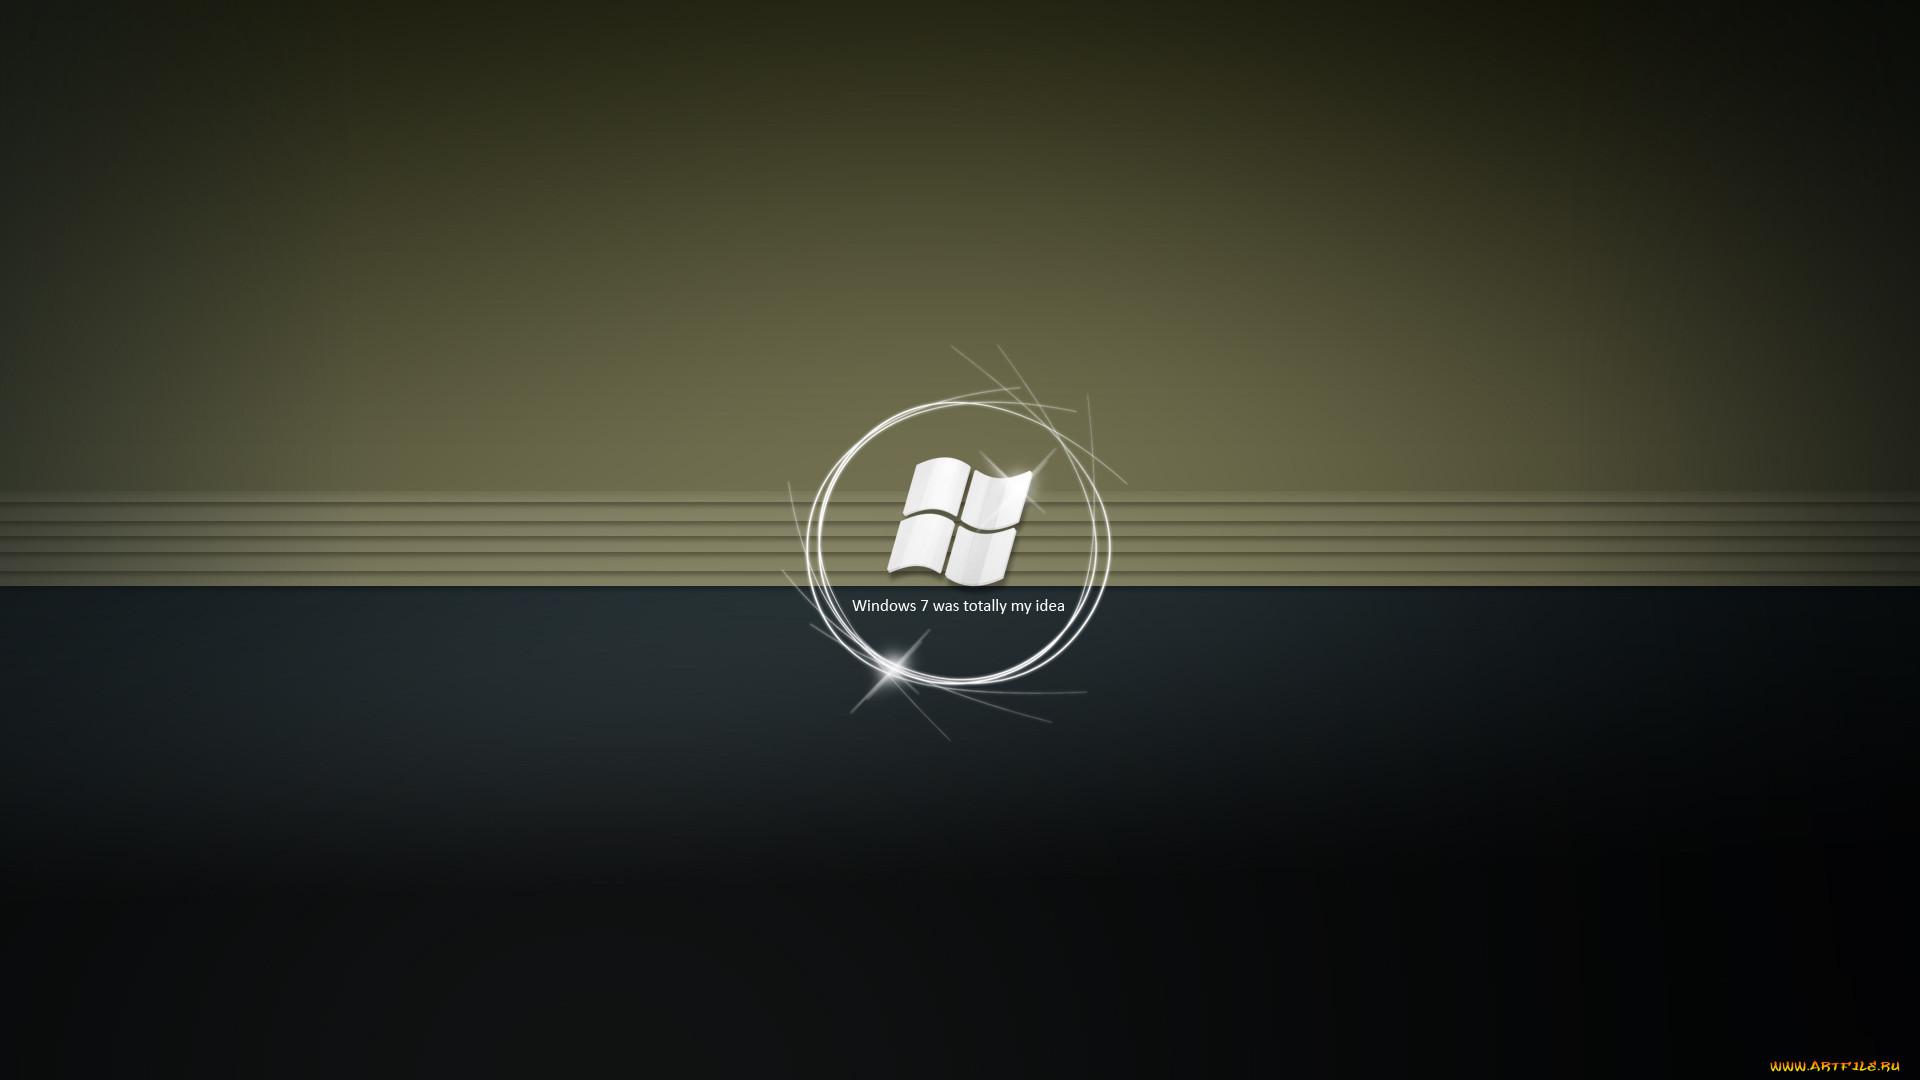 Скачать фон для рабочего стола бесплатно для windows 7 10